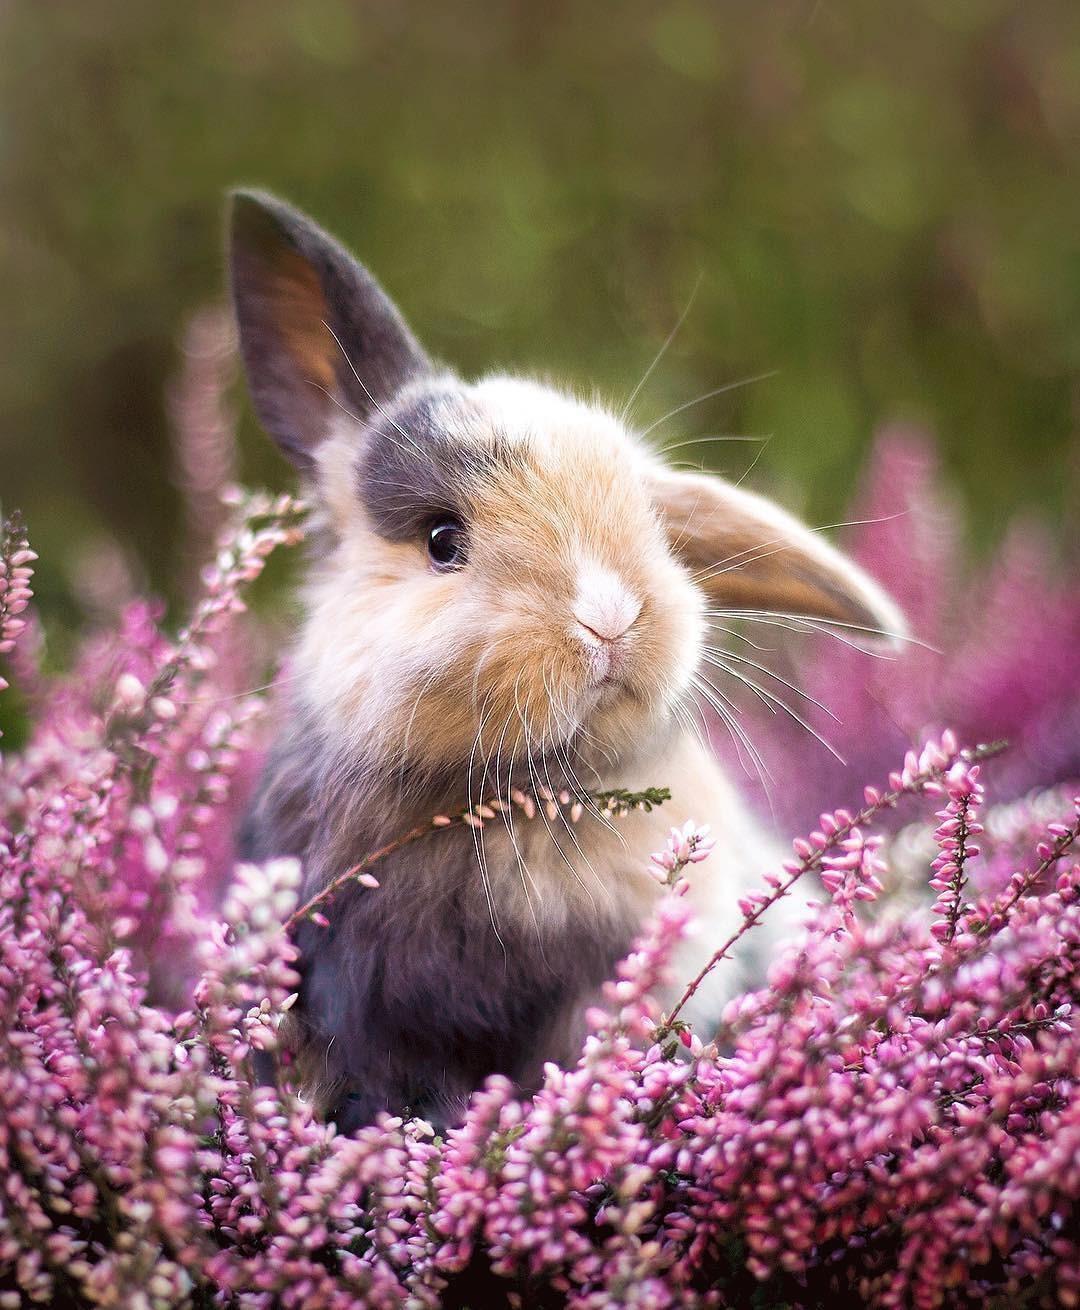 смысл том, милые кролики фото крыму победе